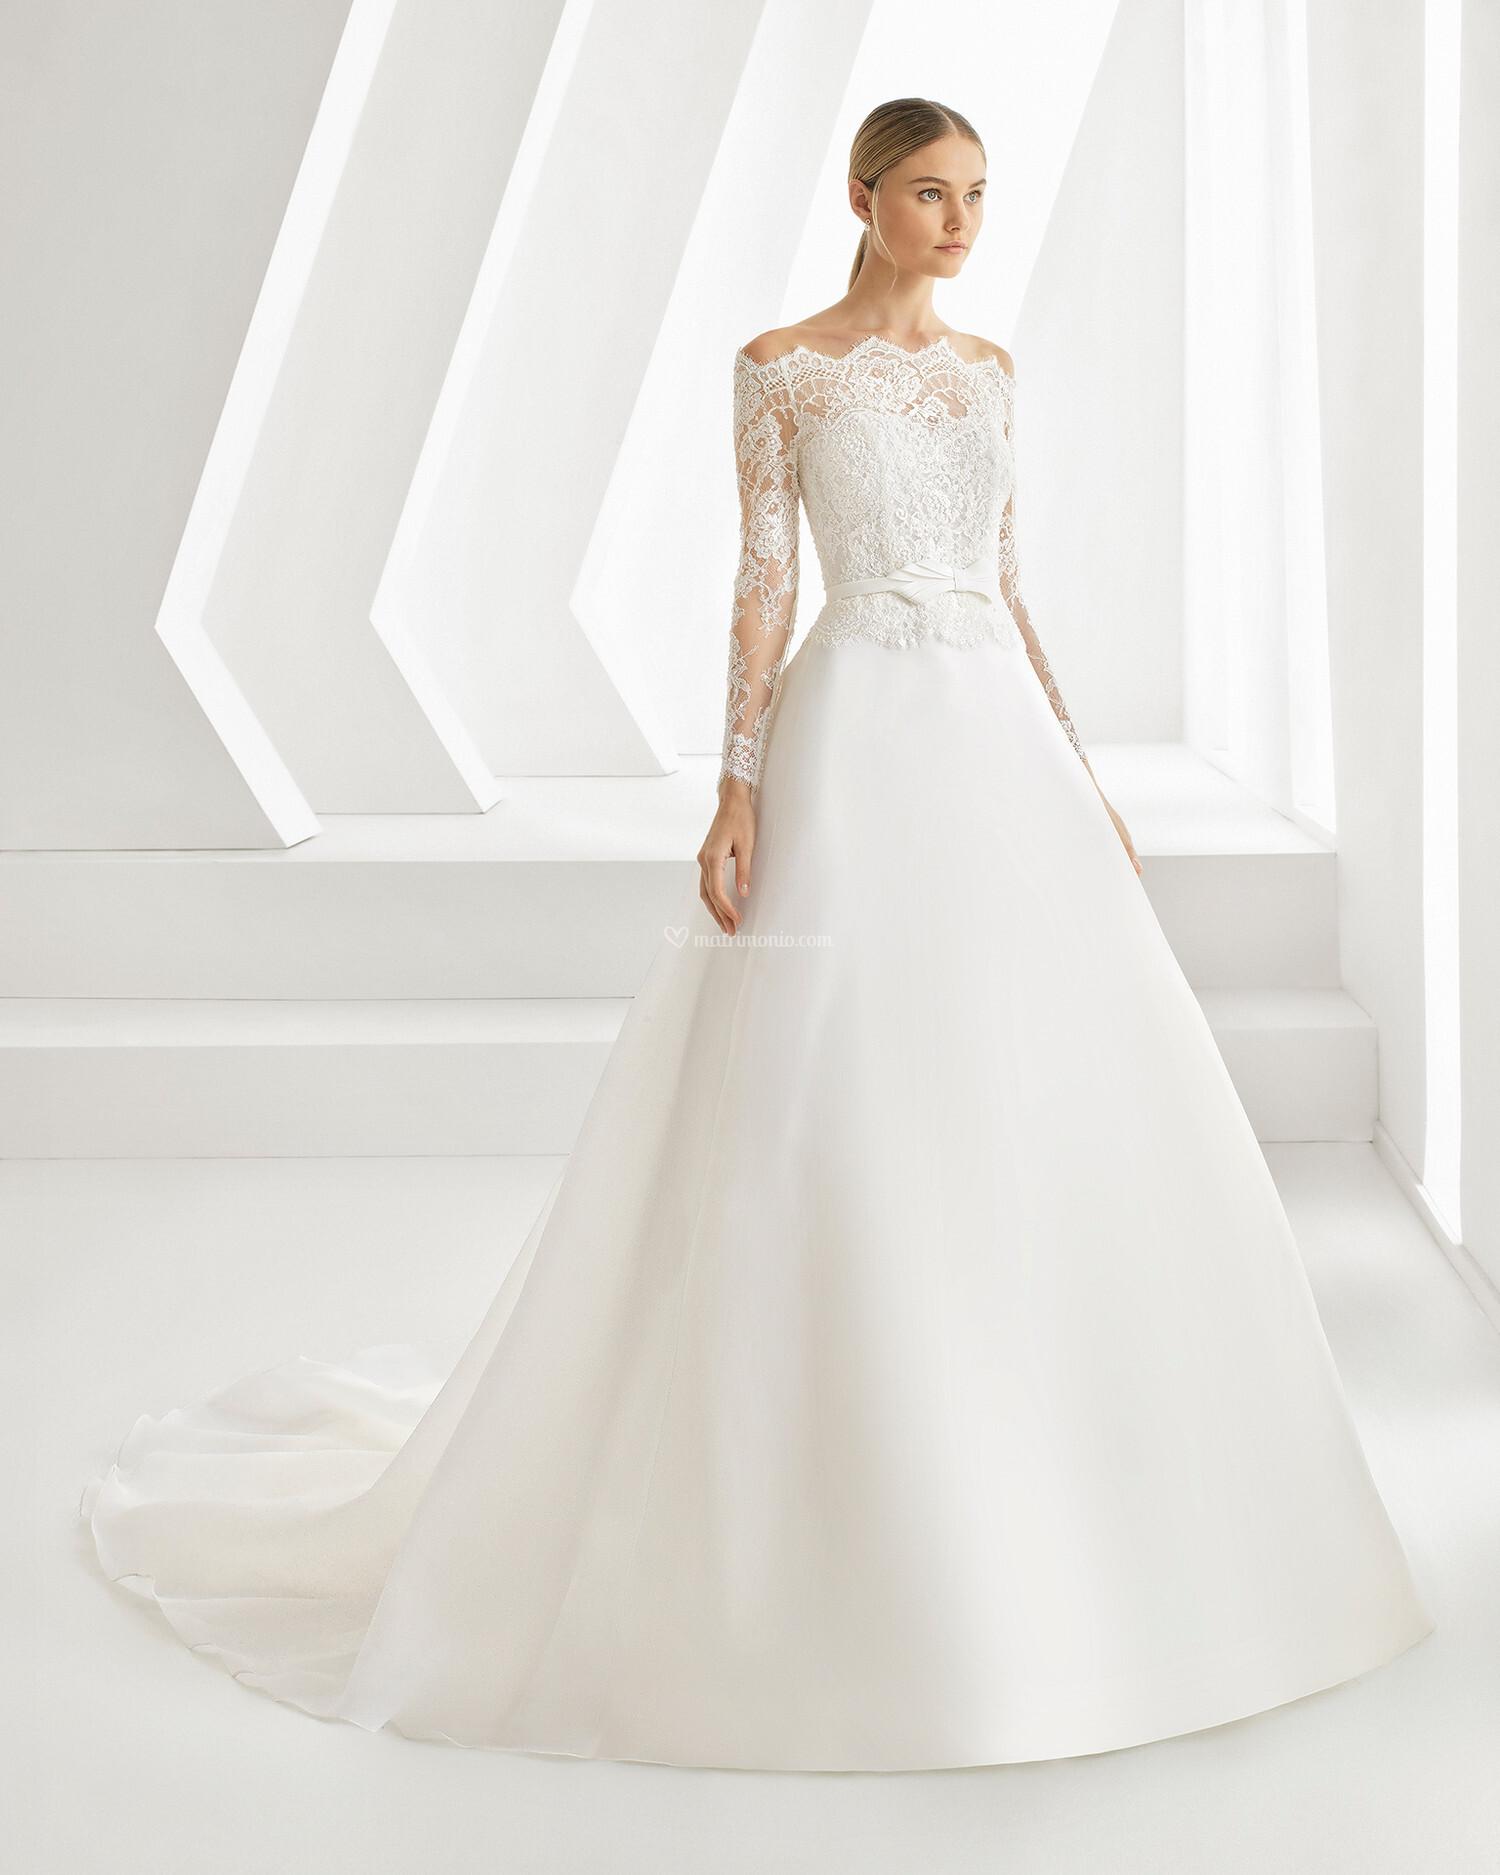 af47448f3cac Abiti da Sposa di Rosa Clará - DONNY - Matrimonio.com